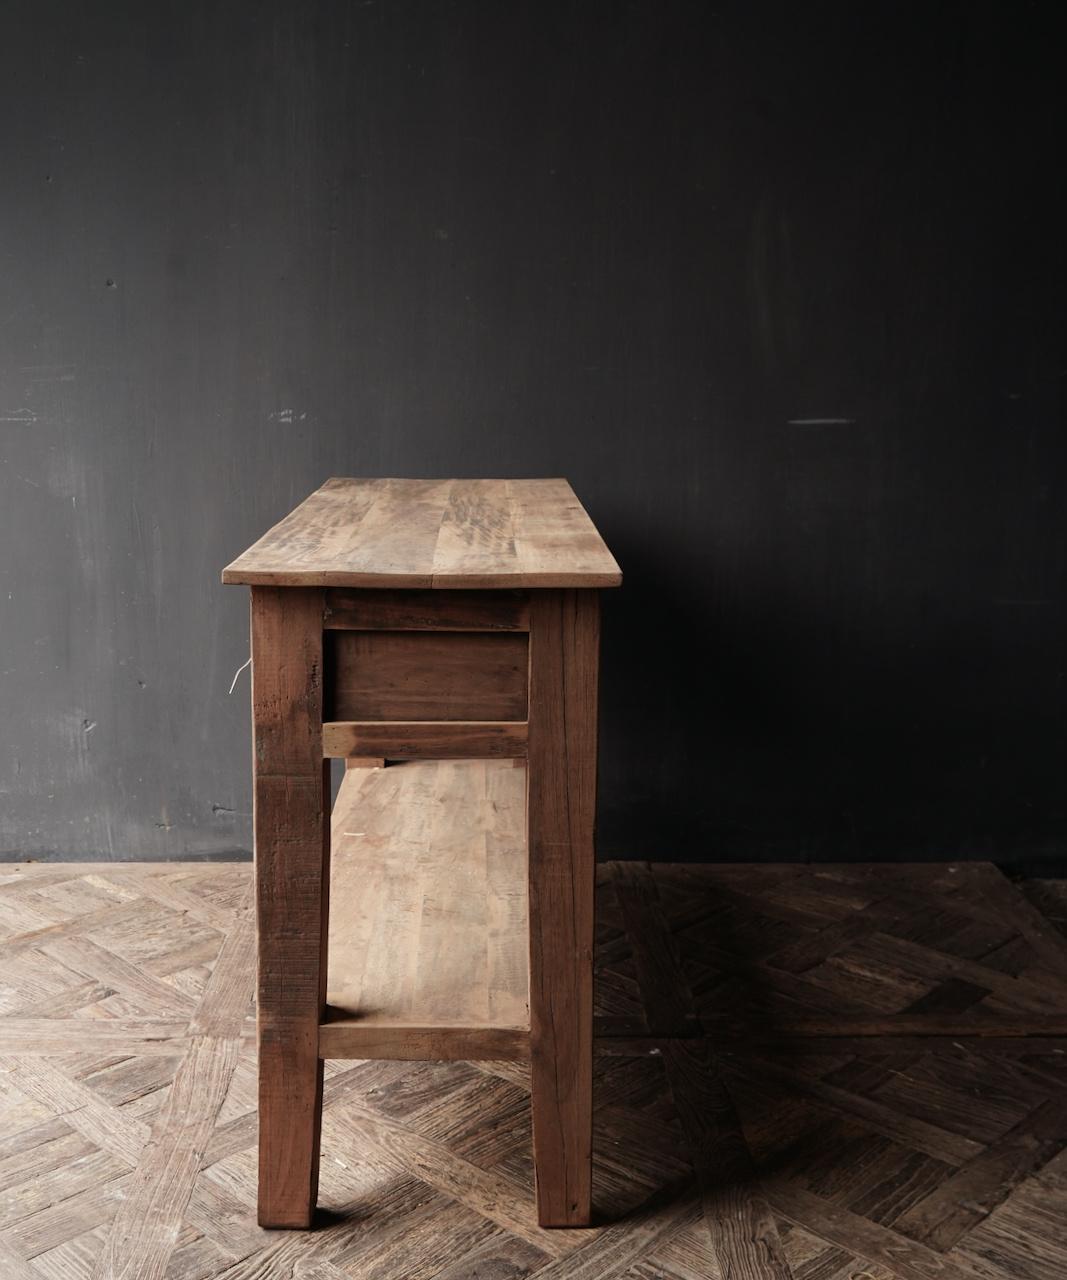 Stoer Robuust oud houten Sidetable oftewel muurtafel met  twee lades-2